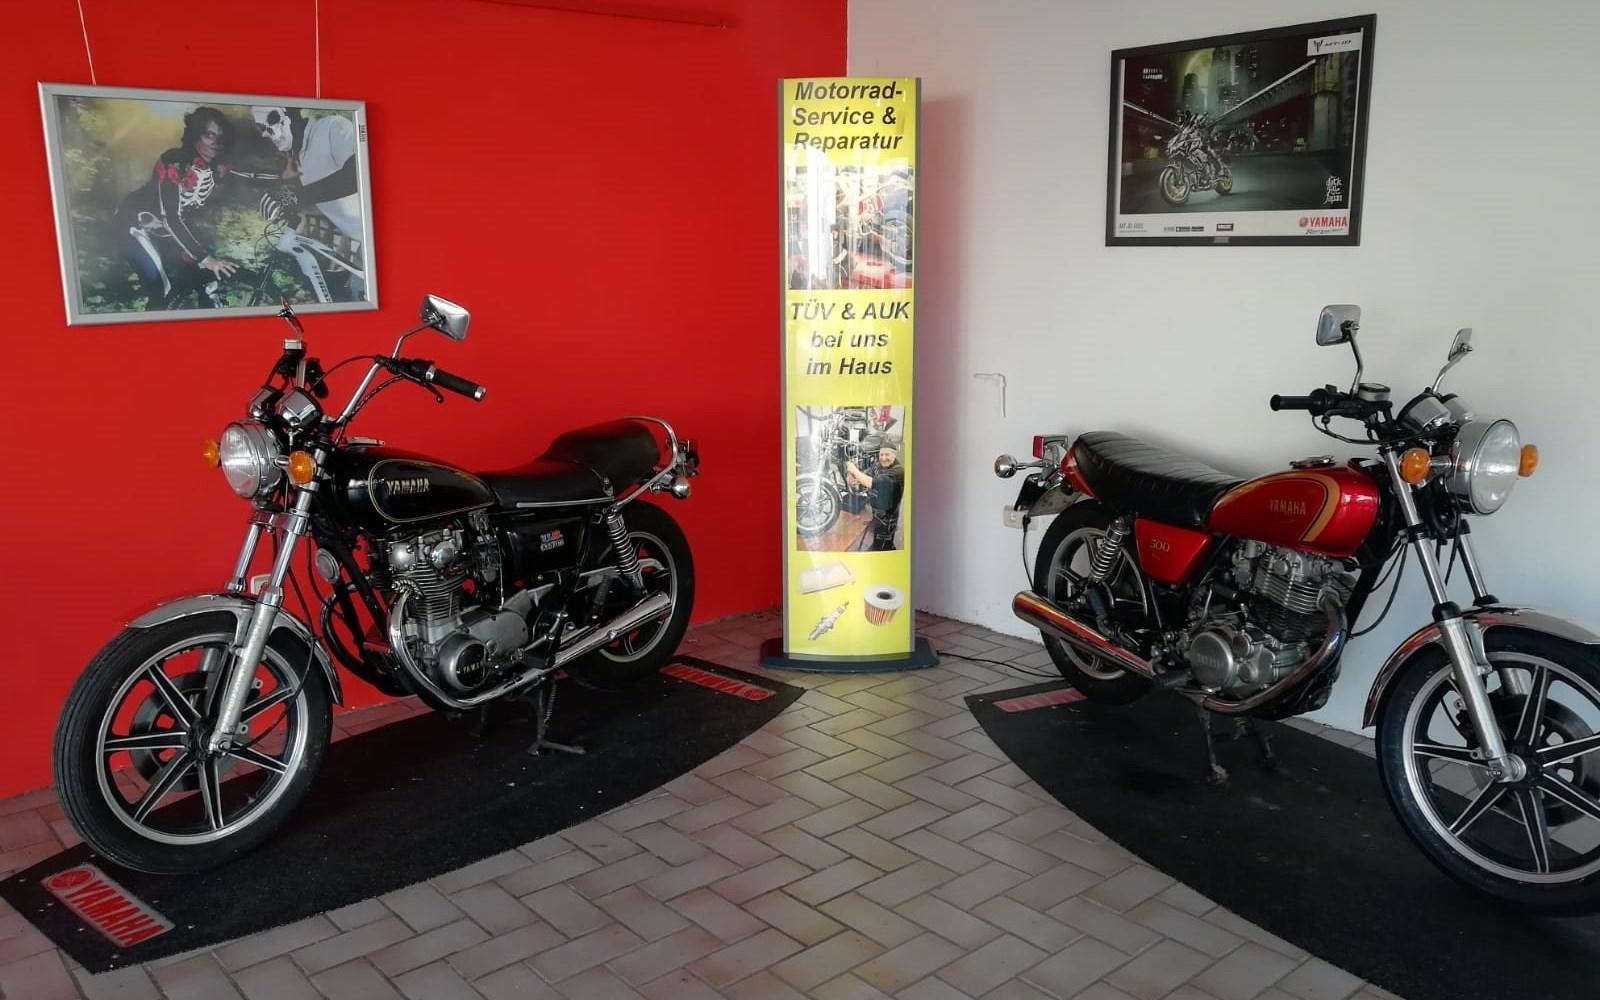 Motorrad Reparatur, Service, Reifen, TÜV und AUK